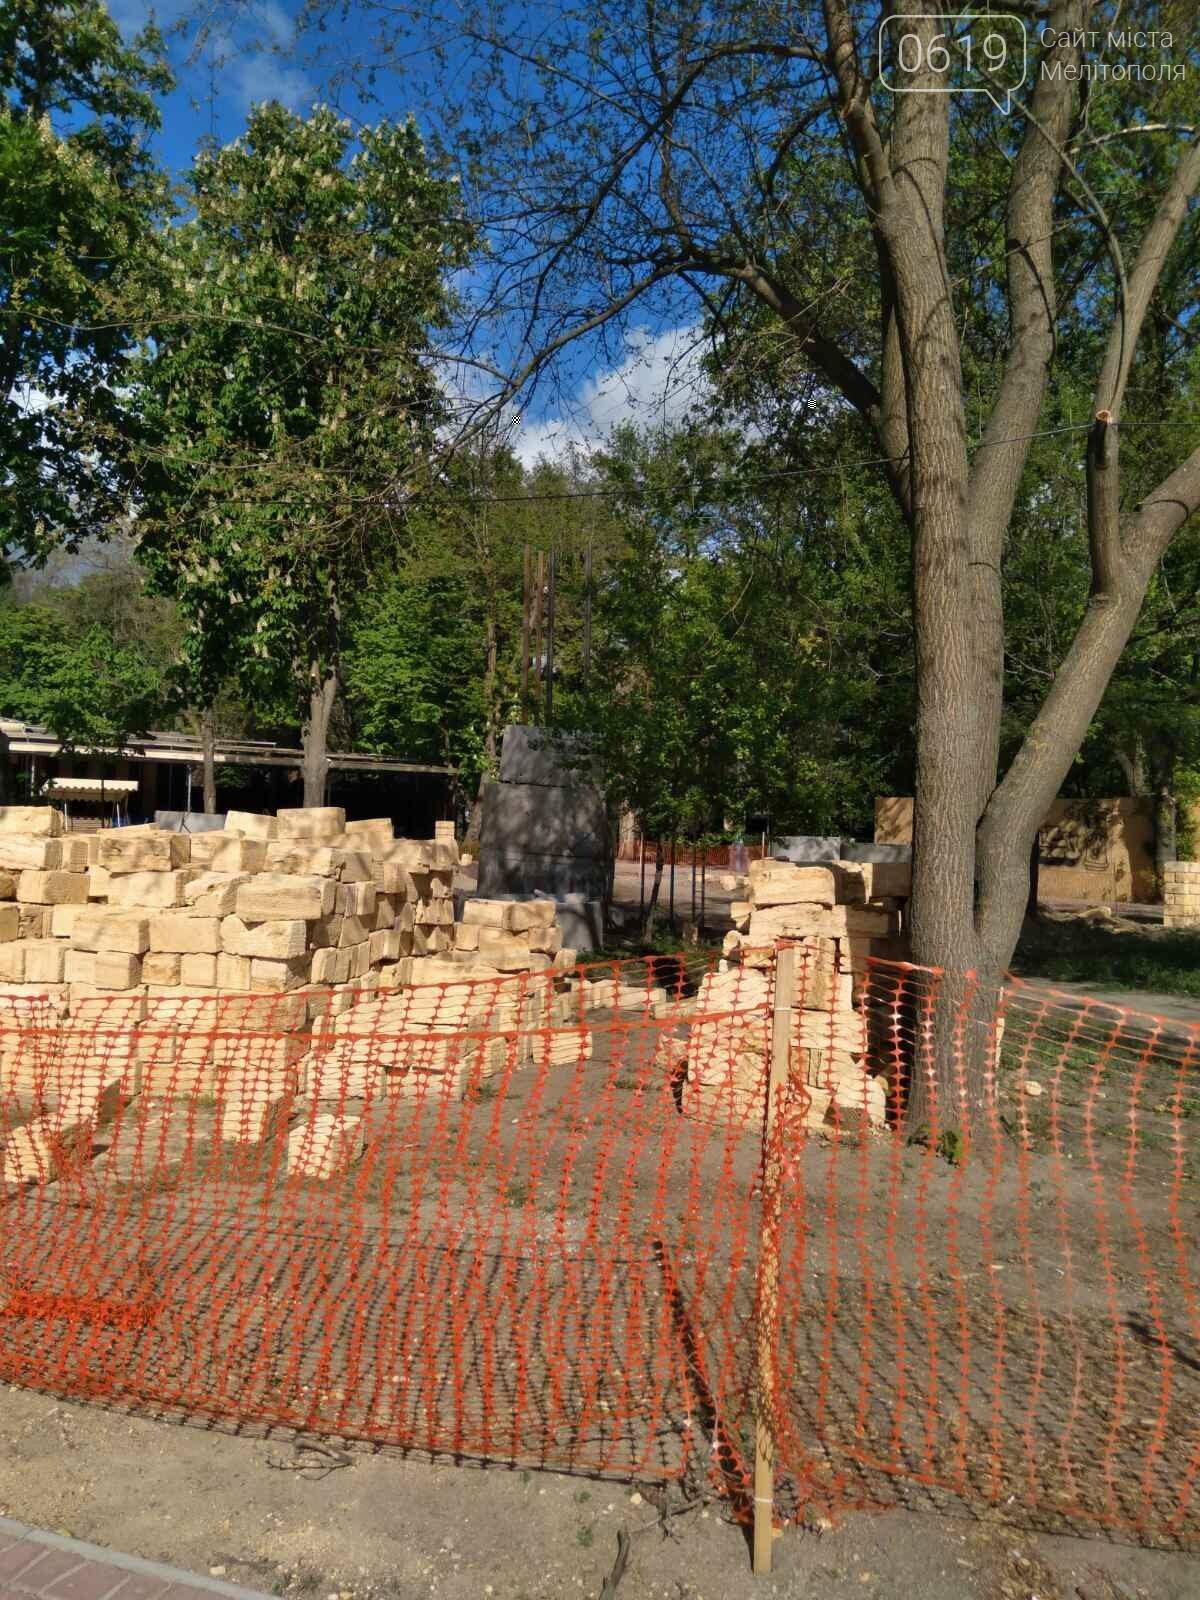 В парке Мелитополя скоро появится своя Пизанская башня: работы уже кипят, фото-6